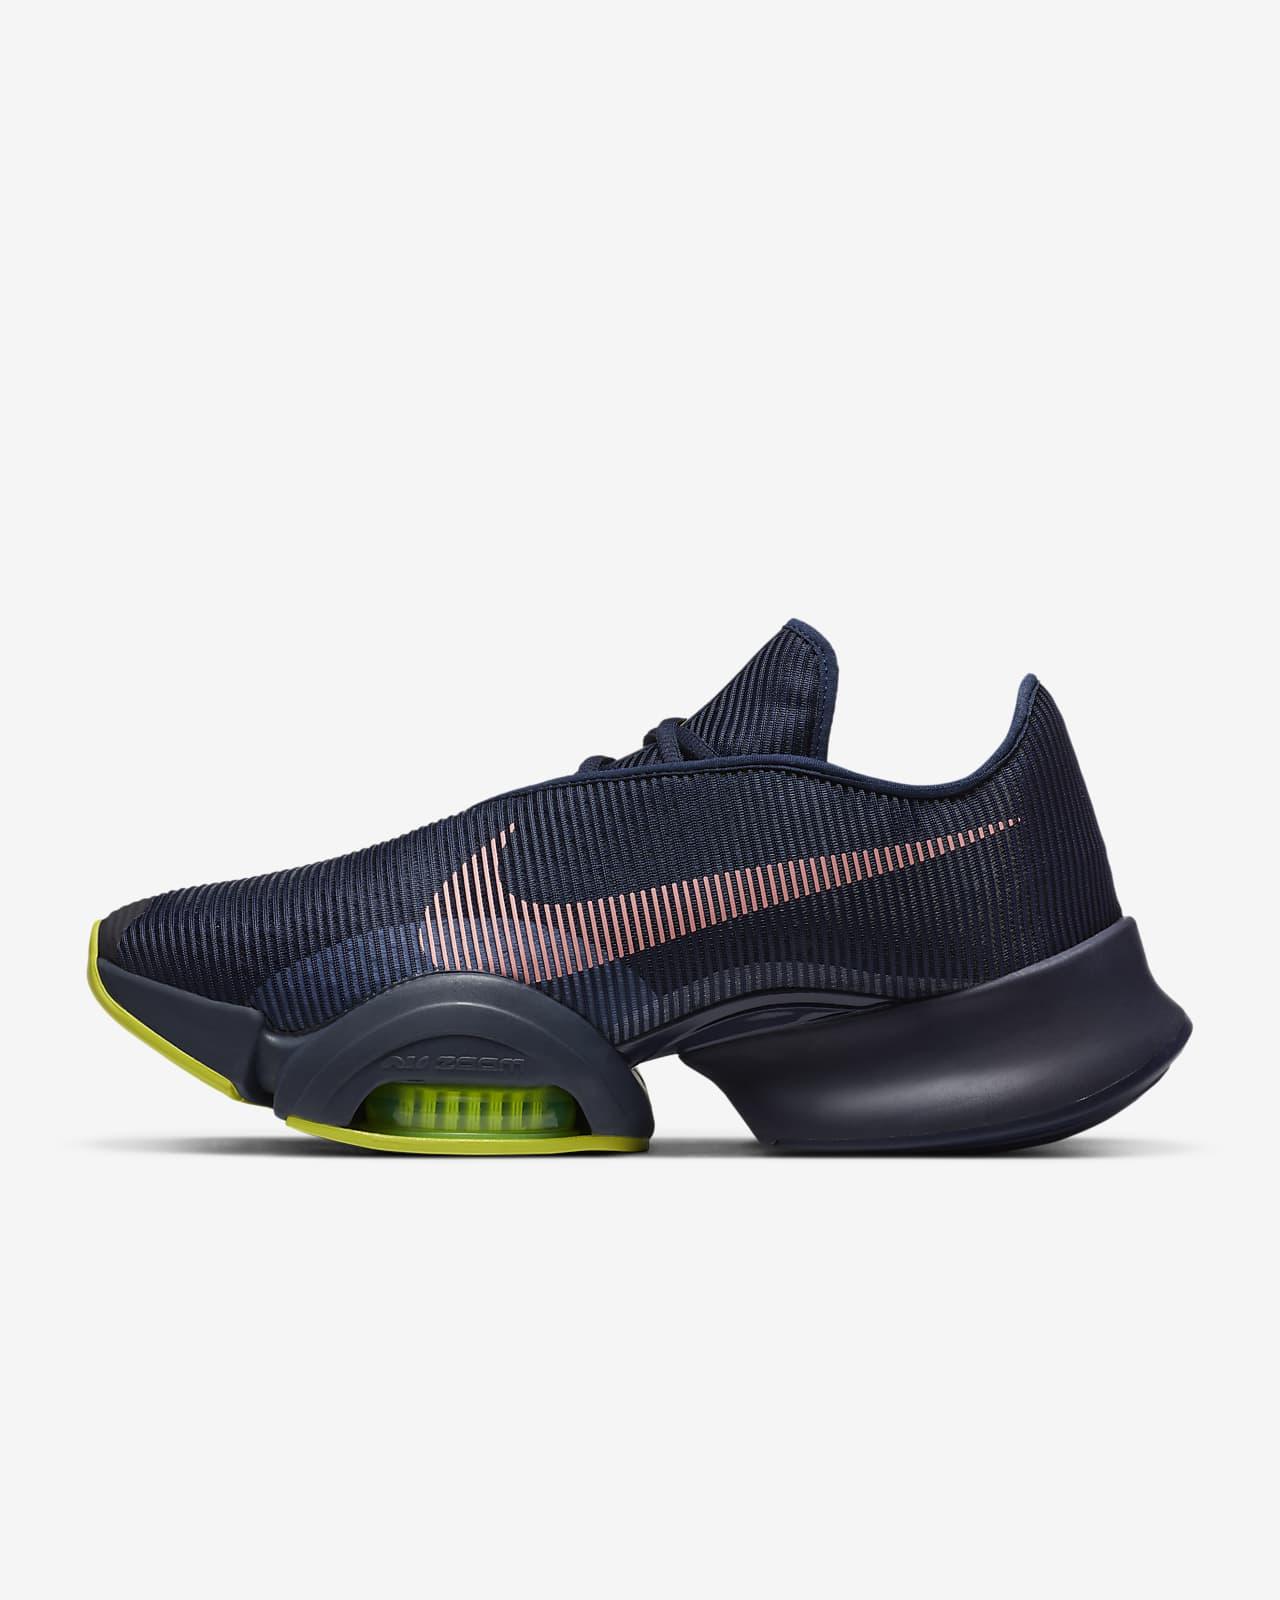 Ανδρικό παπούτσι για προπόνηση HIIT Nike Air Zoom SuperRep 2